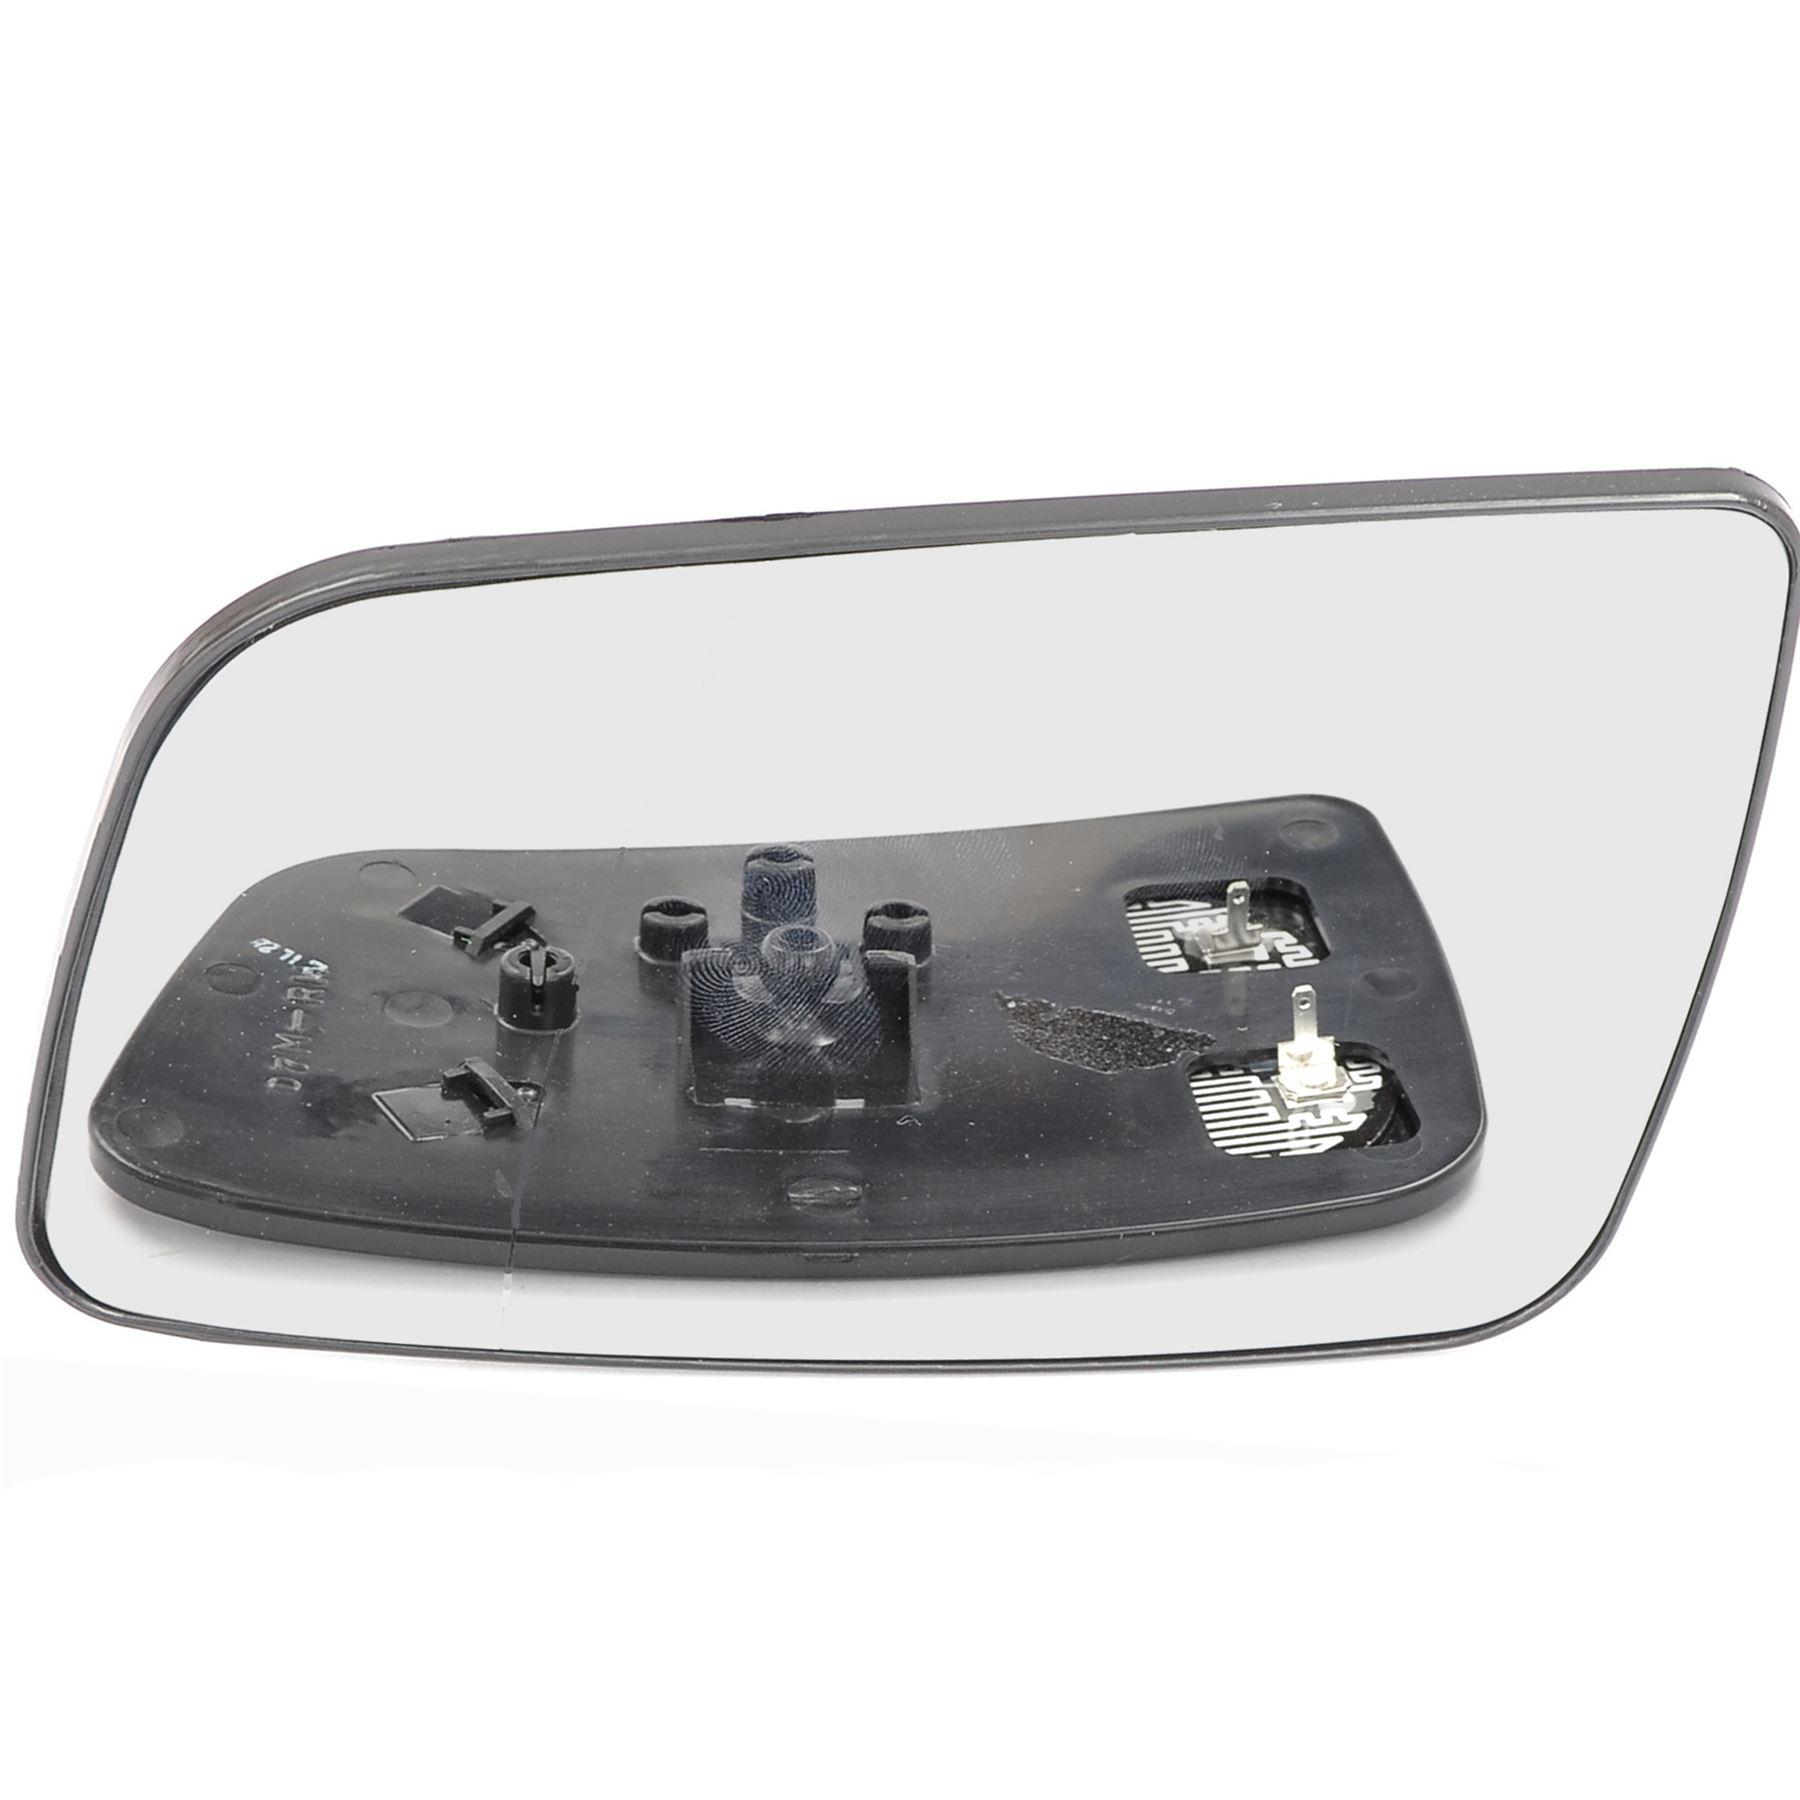 Côté droit aile miroir de verre pour Vauxhall Frontera 1998-2004 Chauffé